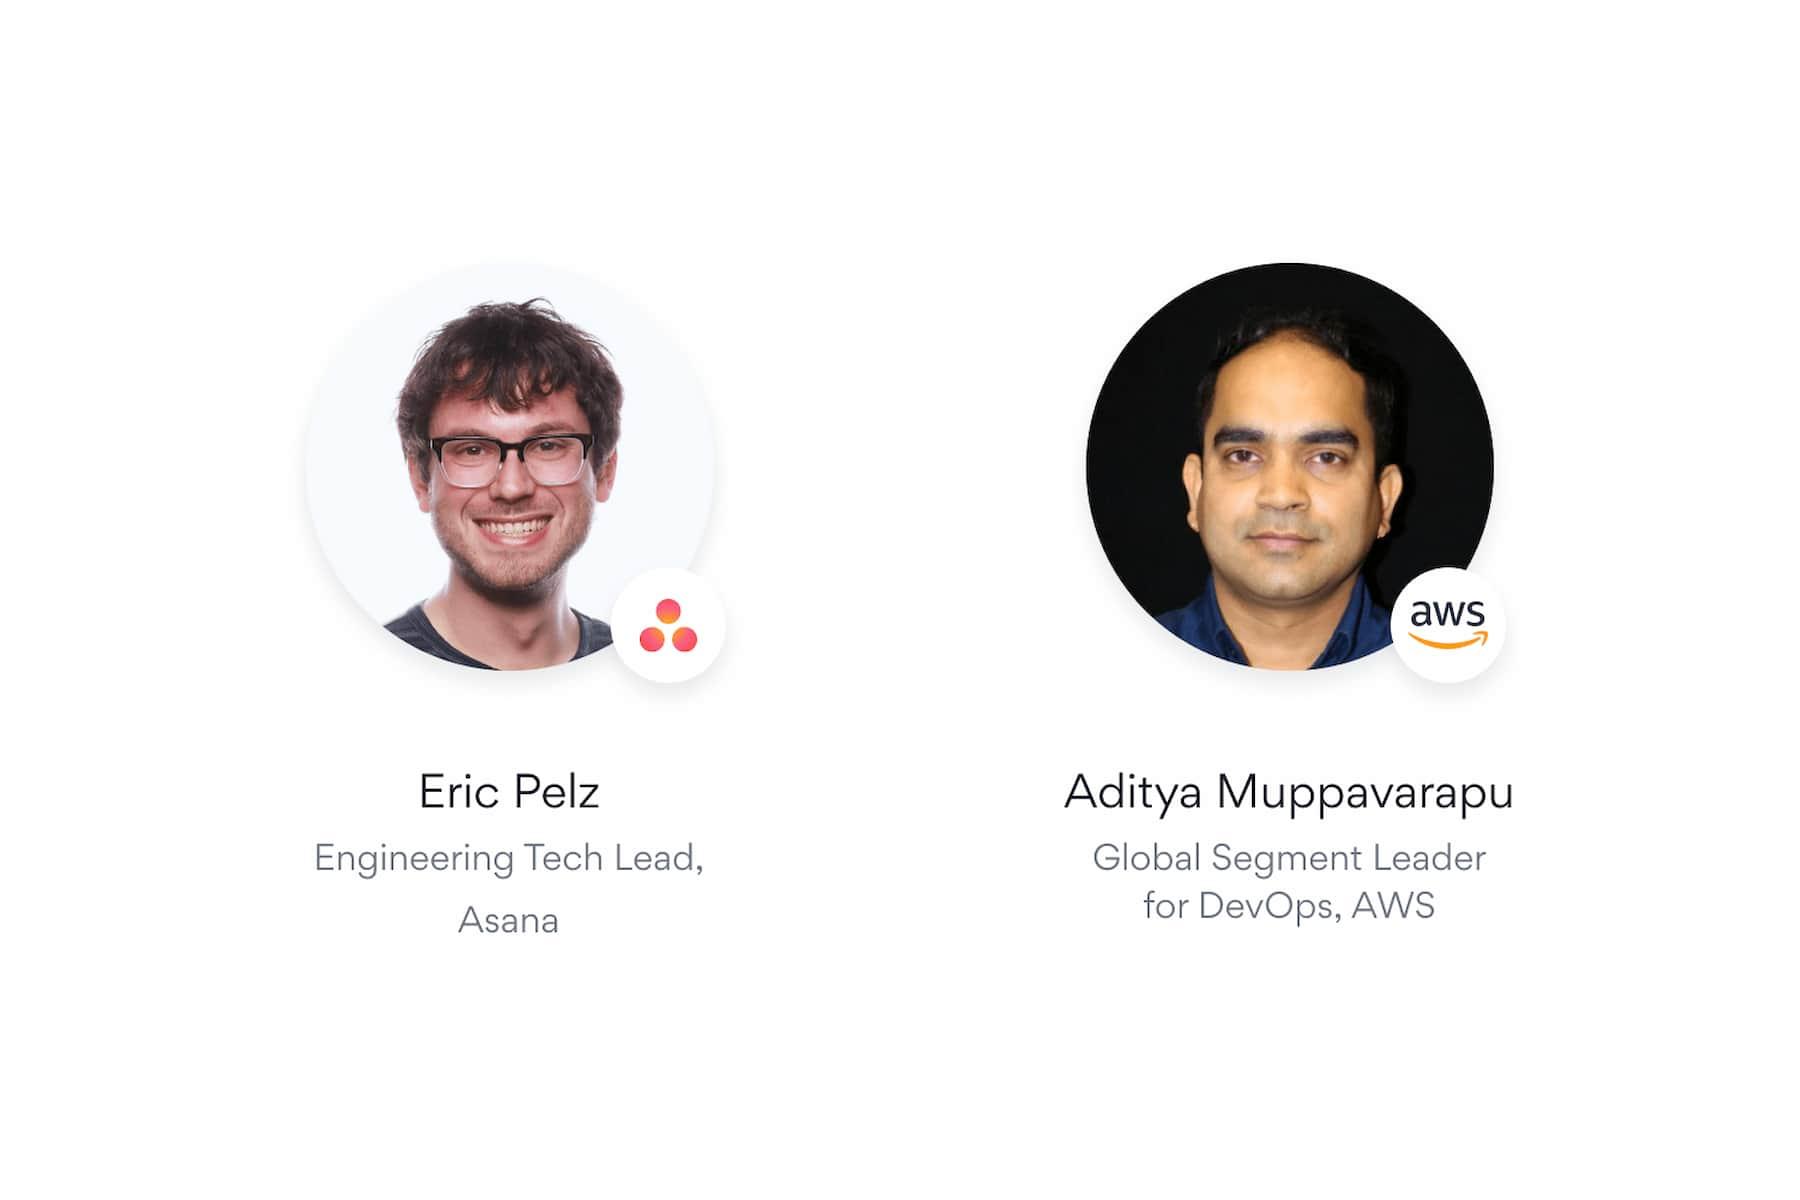 Acelere o tempo de chegada do seu produto ao mercado: uma conversa sobre colaboração entre a Asana e a AWS. O líder de engenharia da Asana, Eric Pelz, conversa com o líder global do segmento de desenvolvimento e operações da AWS, Aditya Muppavarapu.